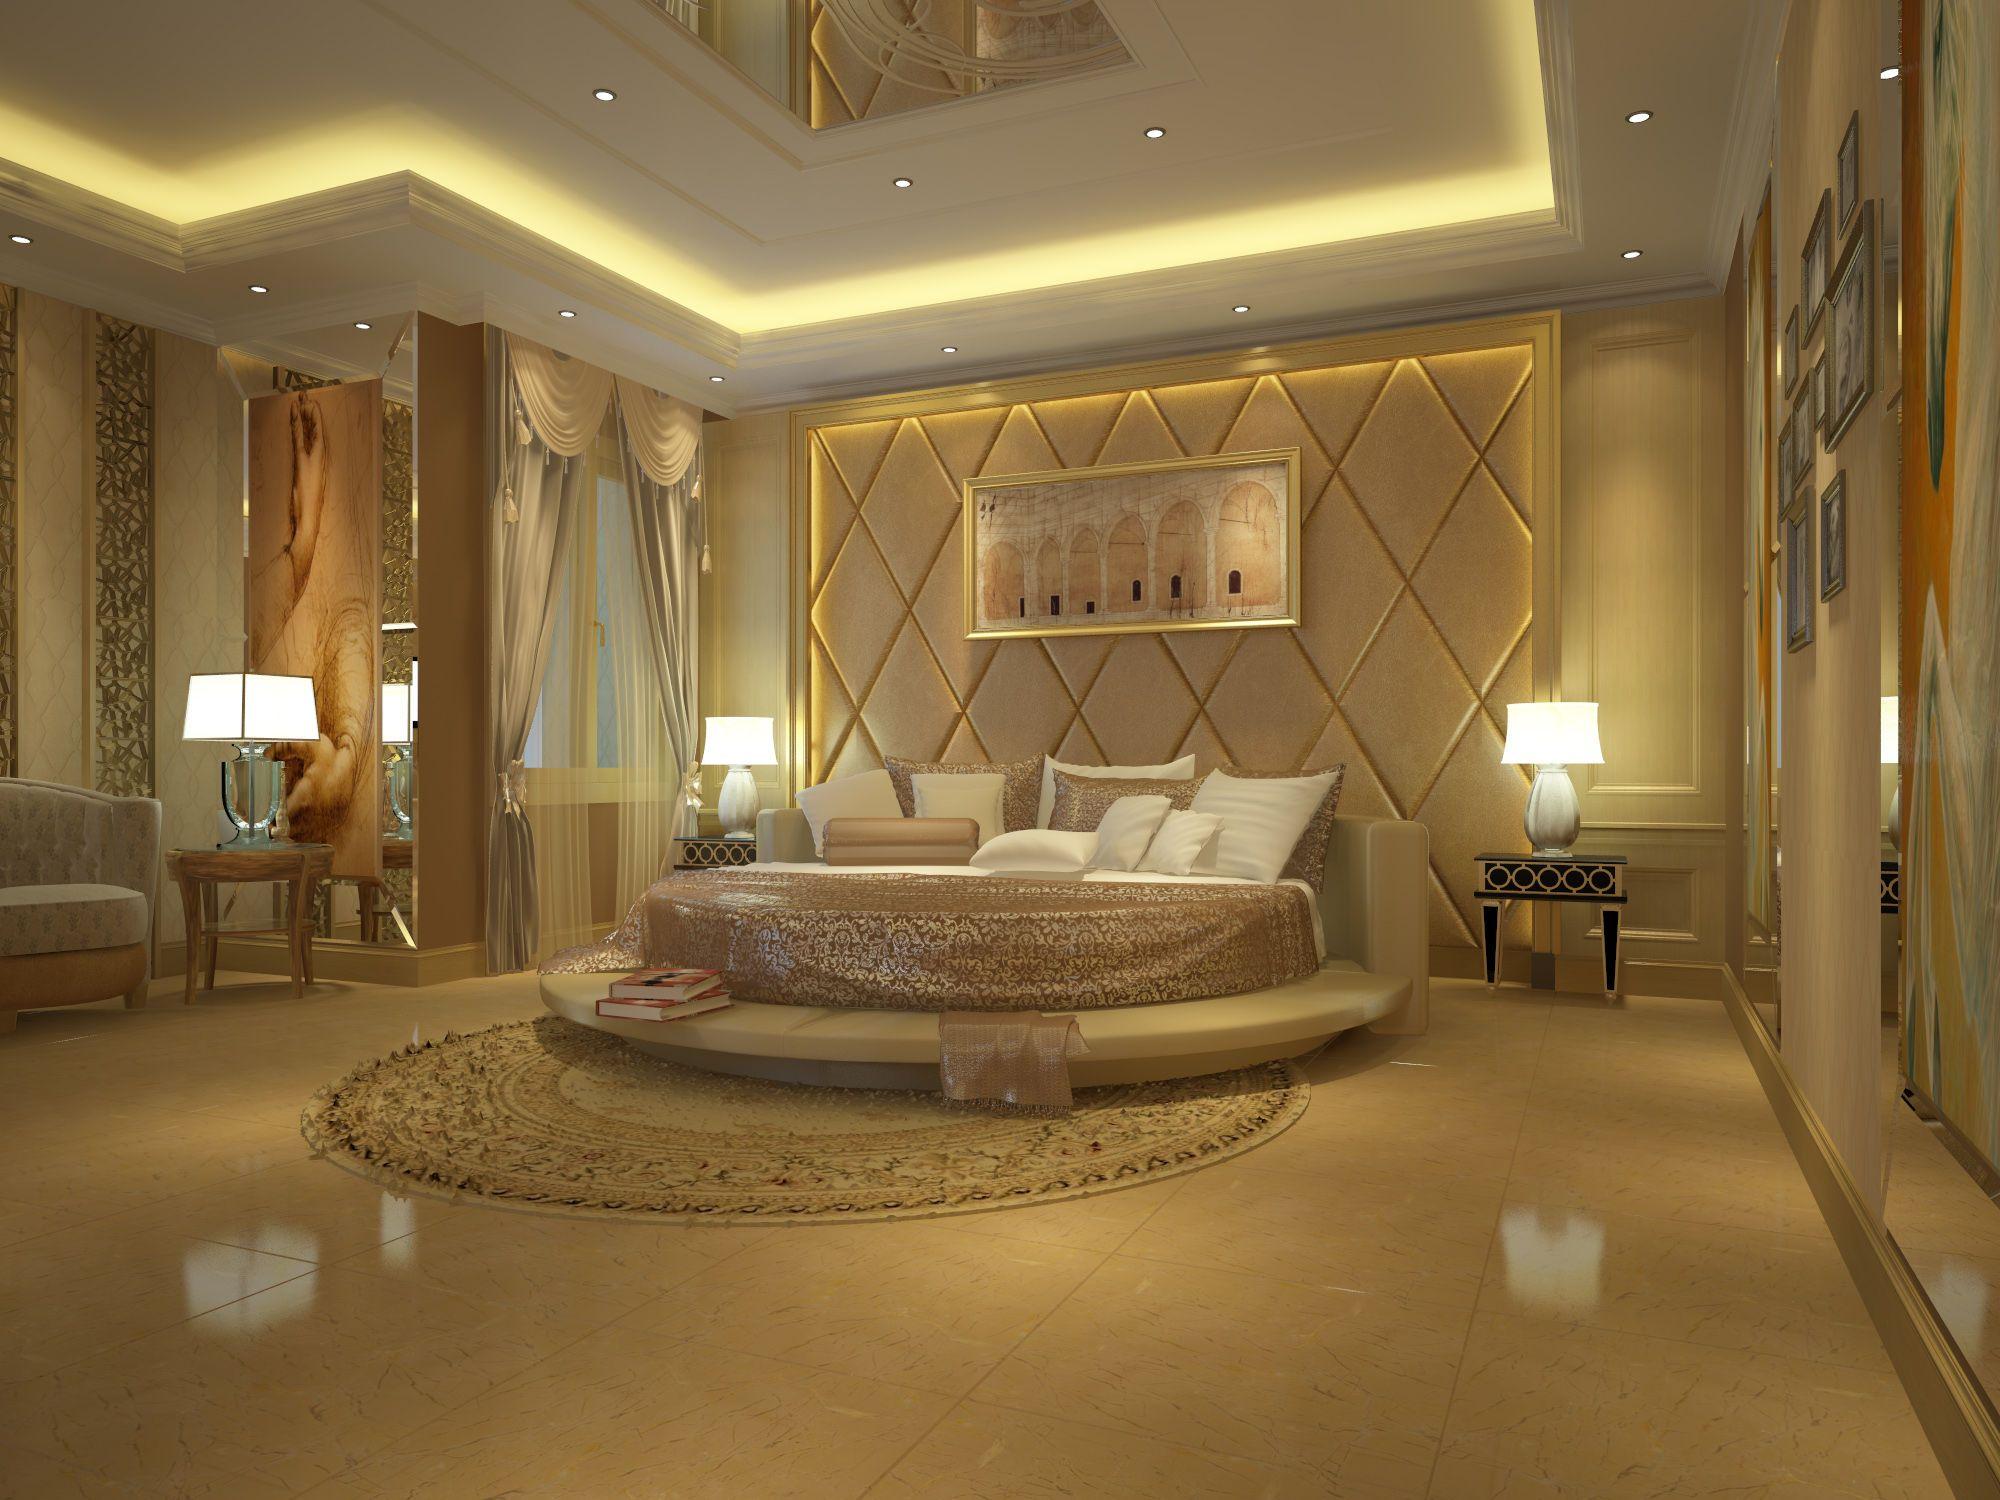 Emperador Marble Slab In Bedroom